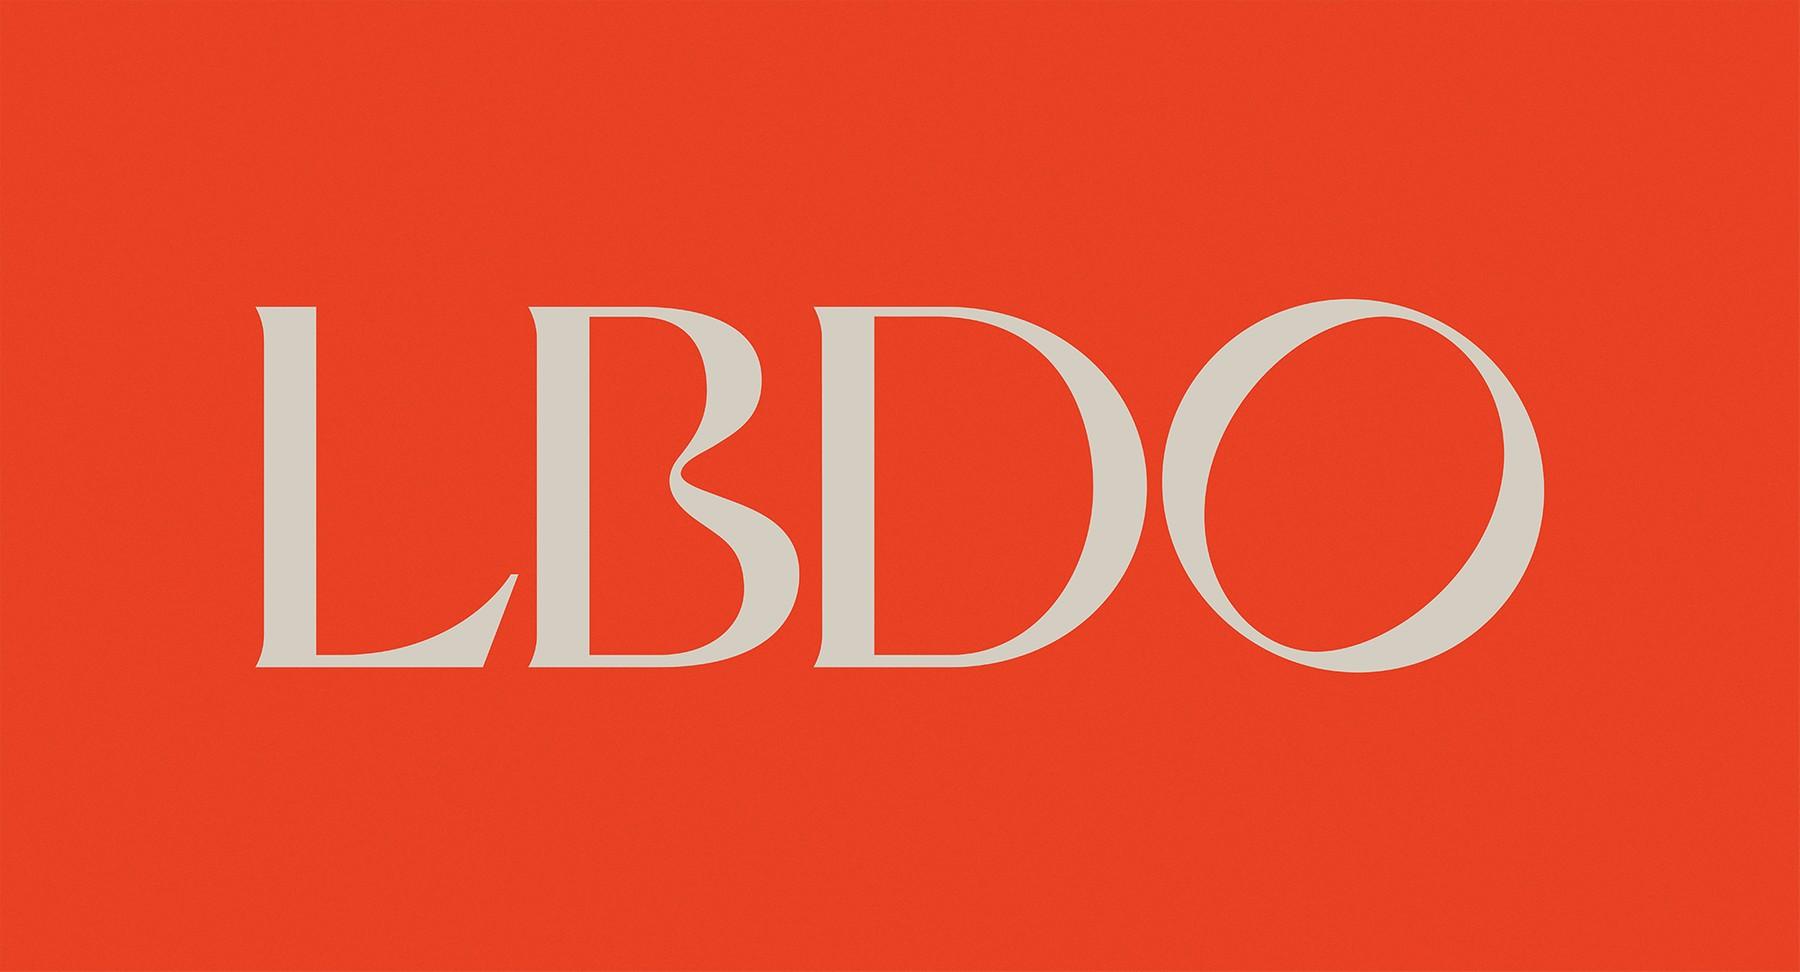 lbdo_logo.png